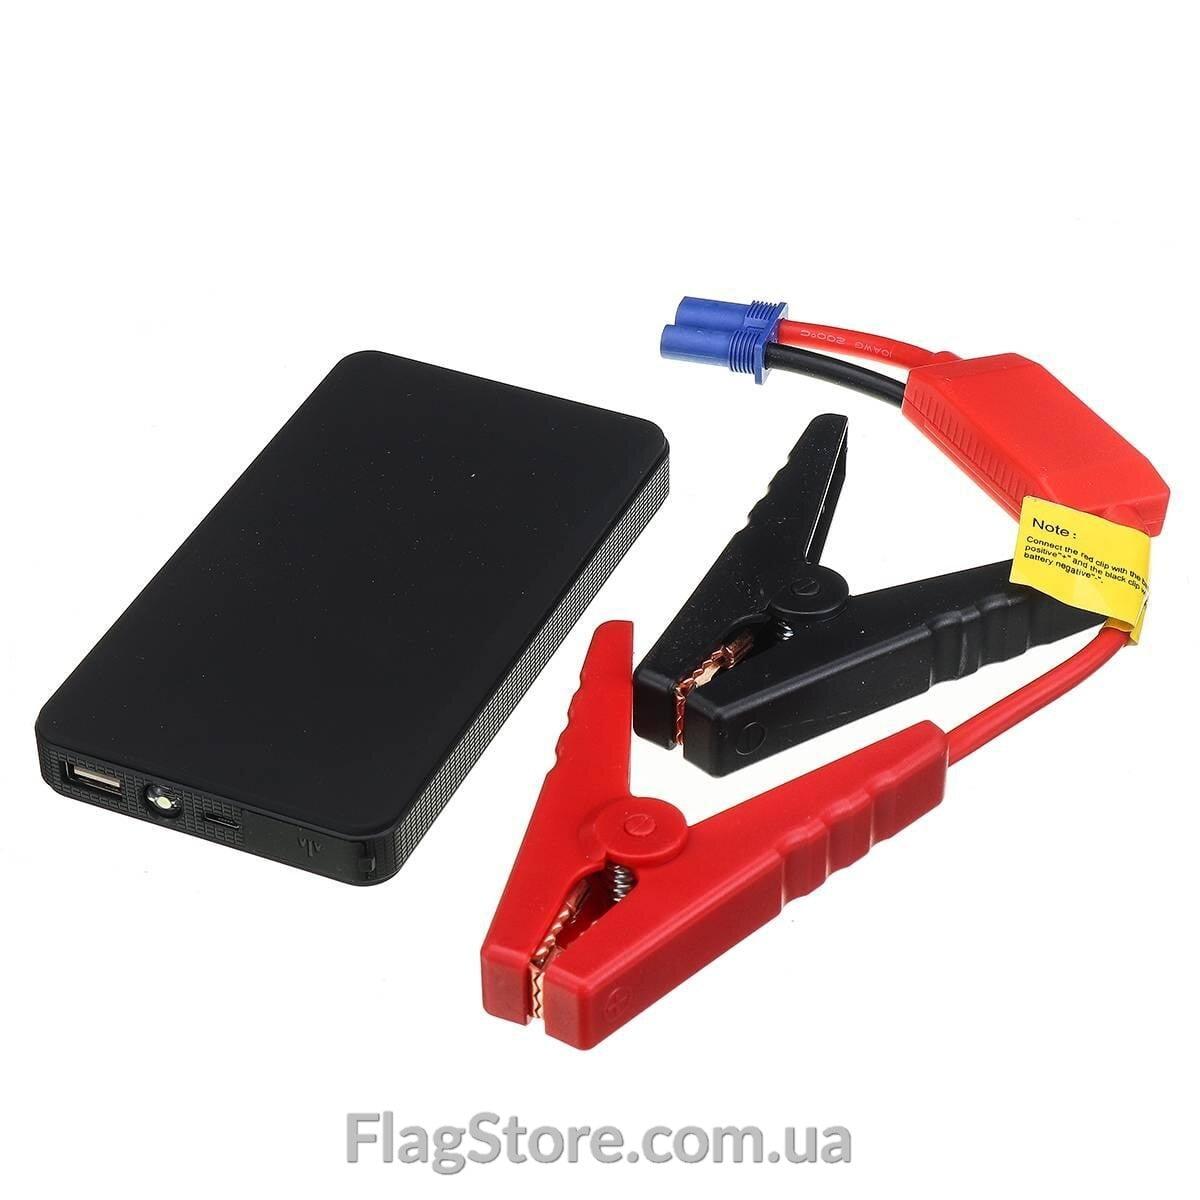 Мобильный аккумулятор-бустер для запуска авто 12в до 2 литров 1